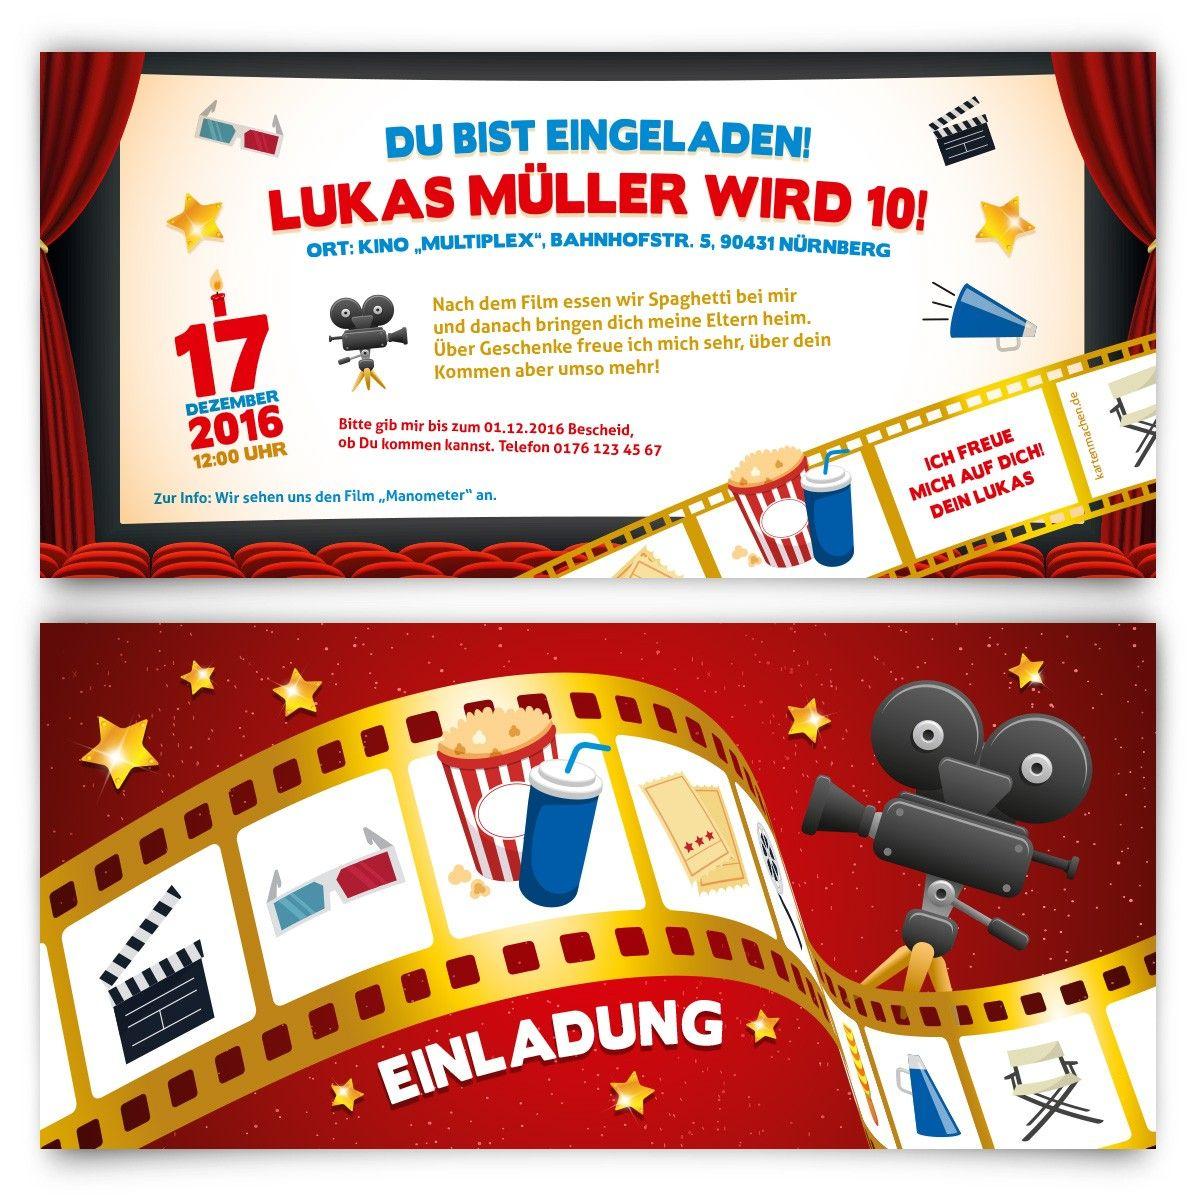 Schön Einladungskarten Für Kinder Zum Geburtstag   Kino Film #geburtstag # Einladung #geburtstagseinladung #kindergeburtstag